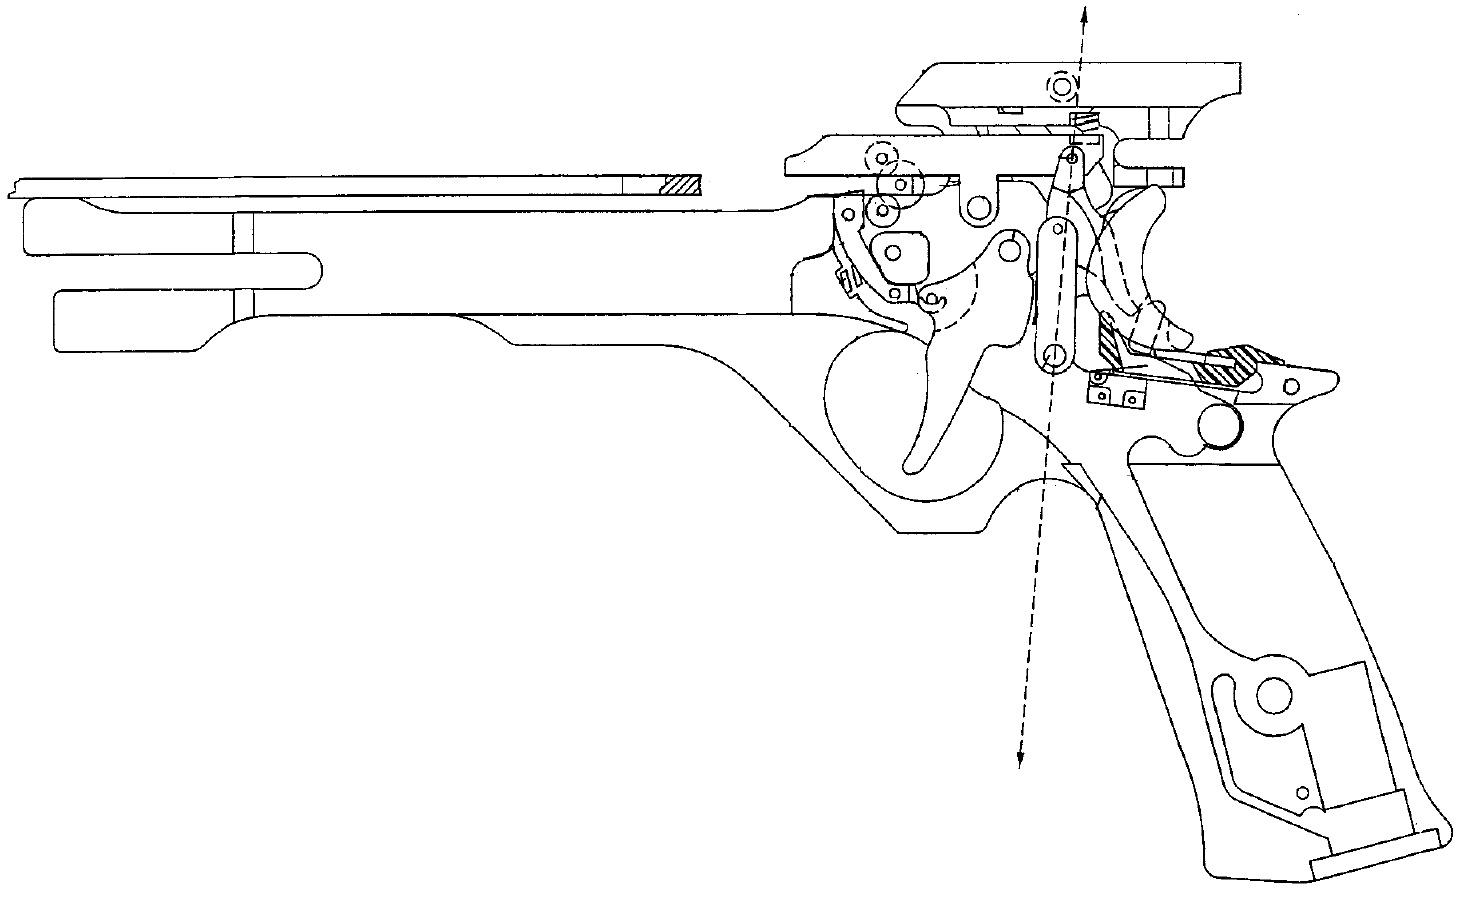 Pistol Crossbow Trigger Design